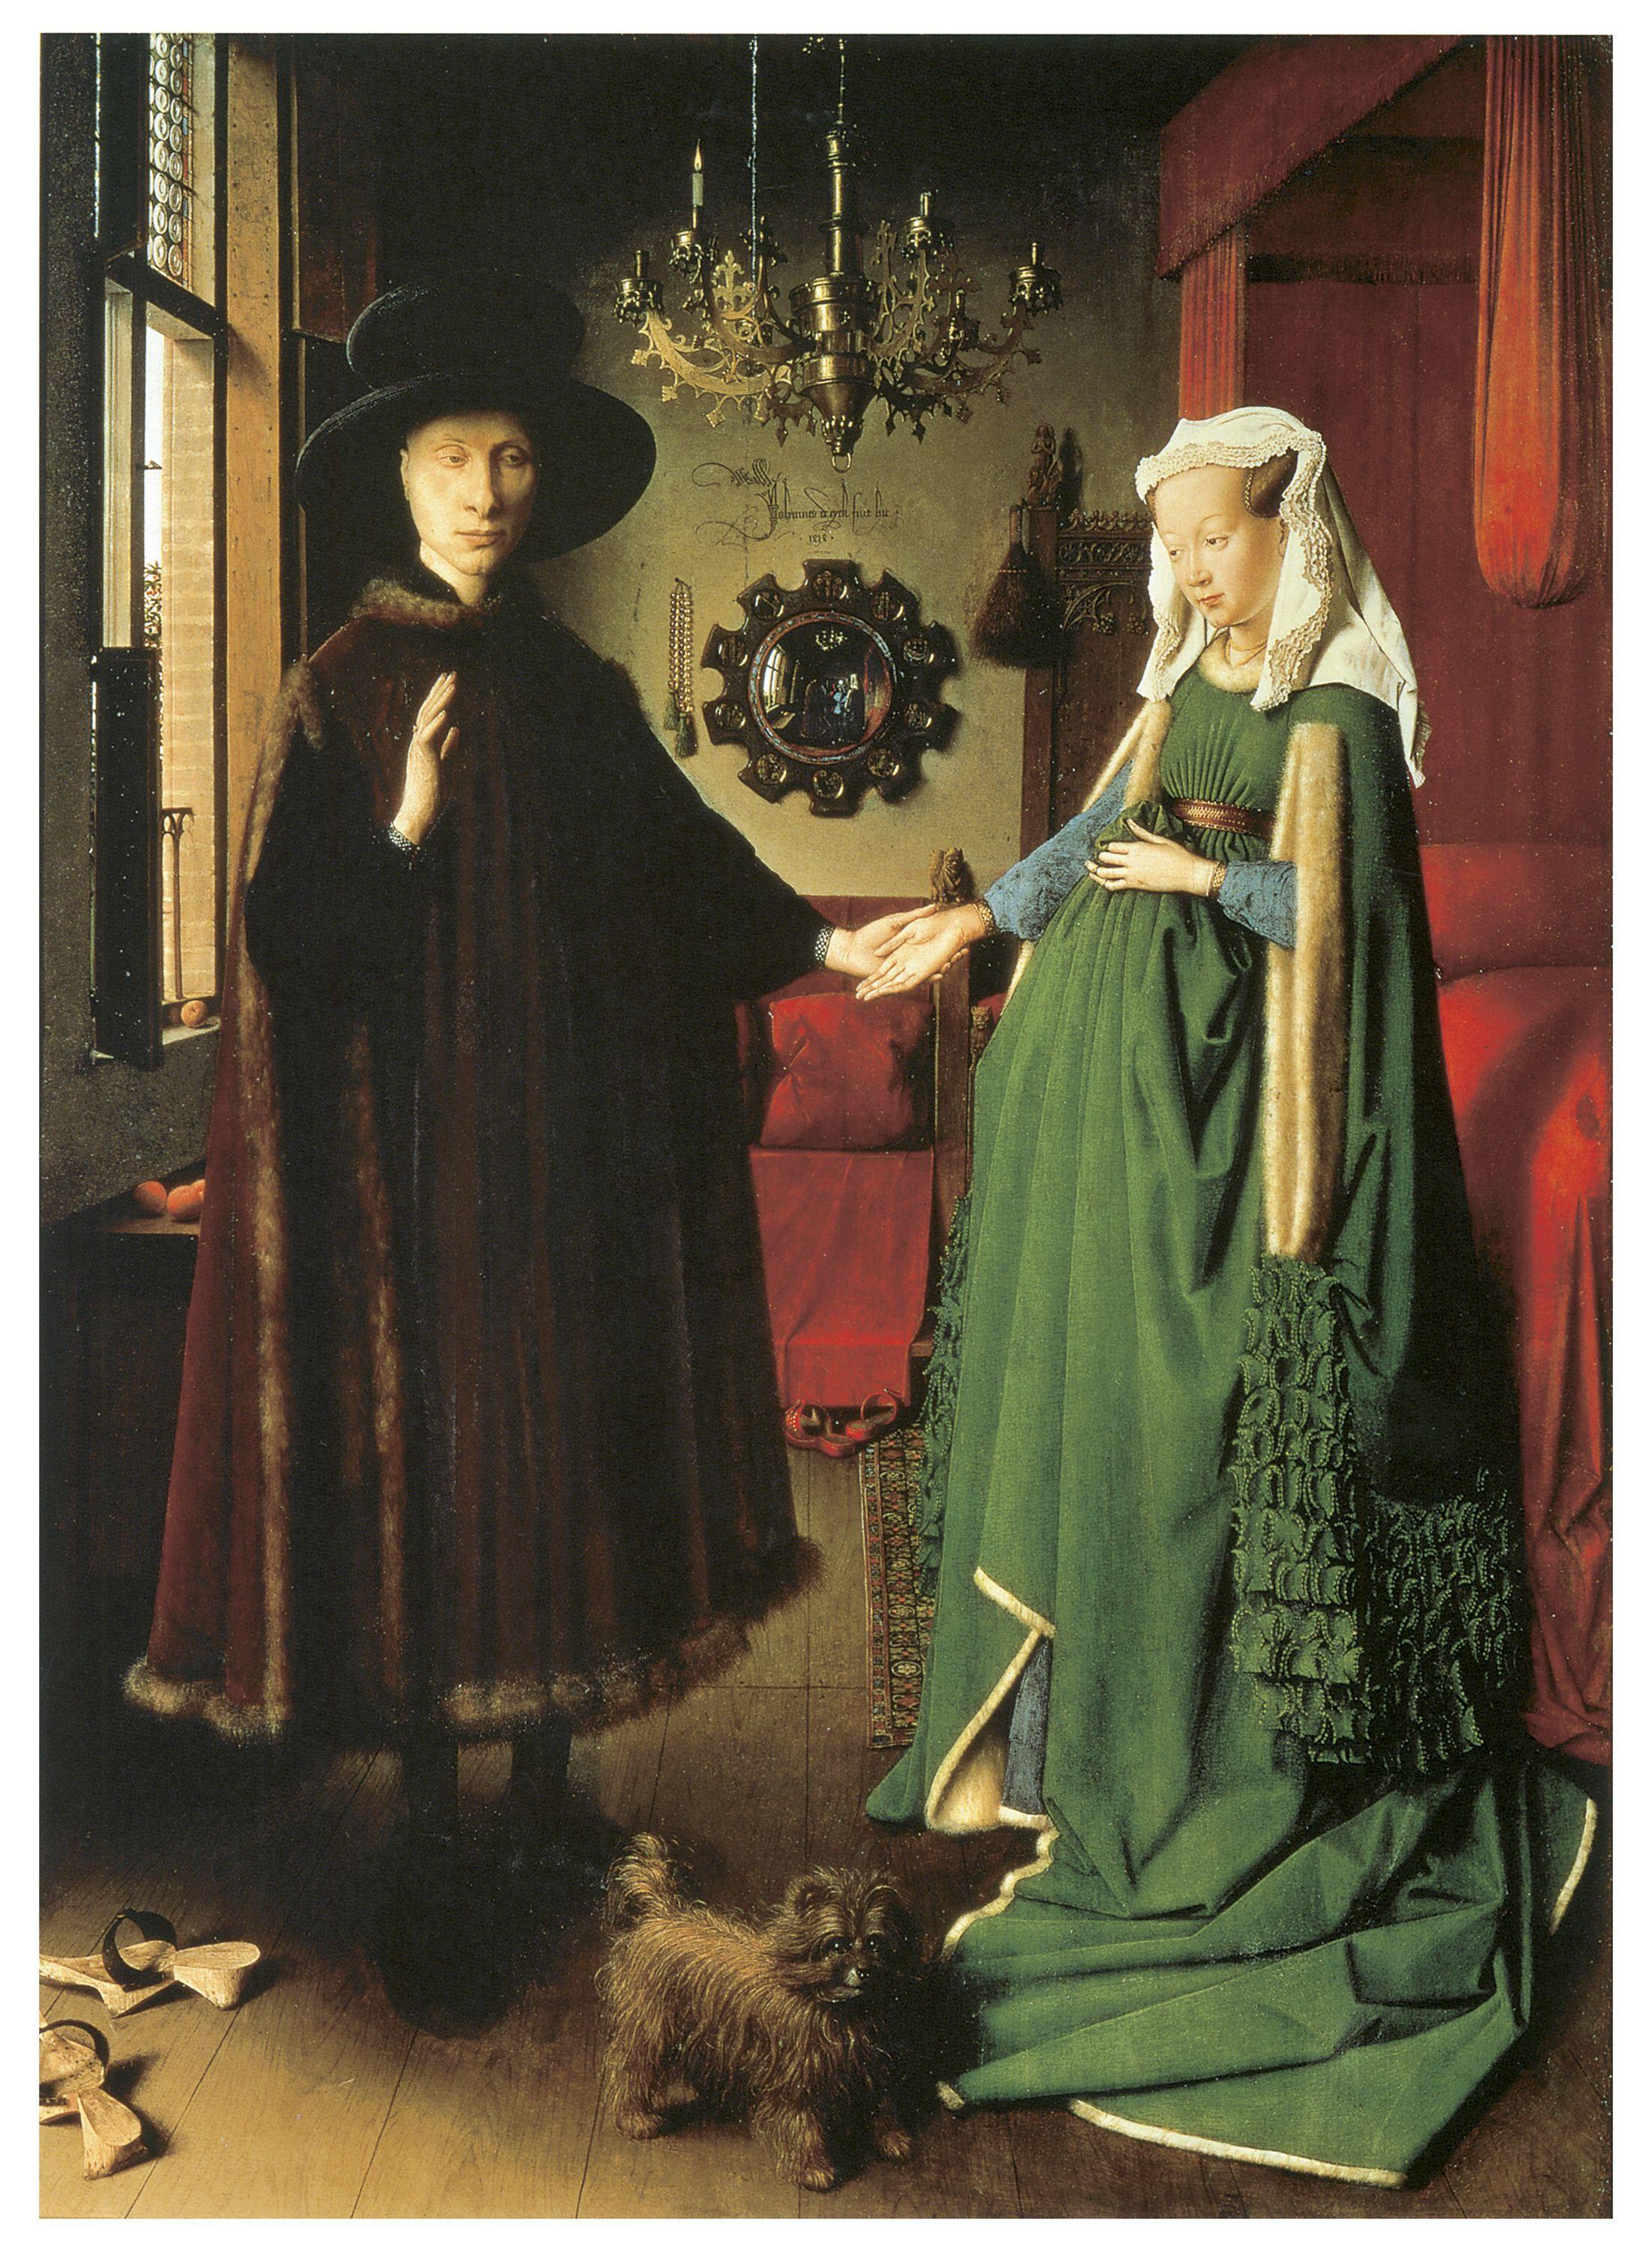 Jan Van Eyck The Arnolfini Wedding